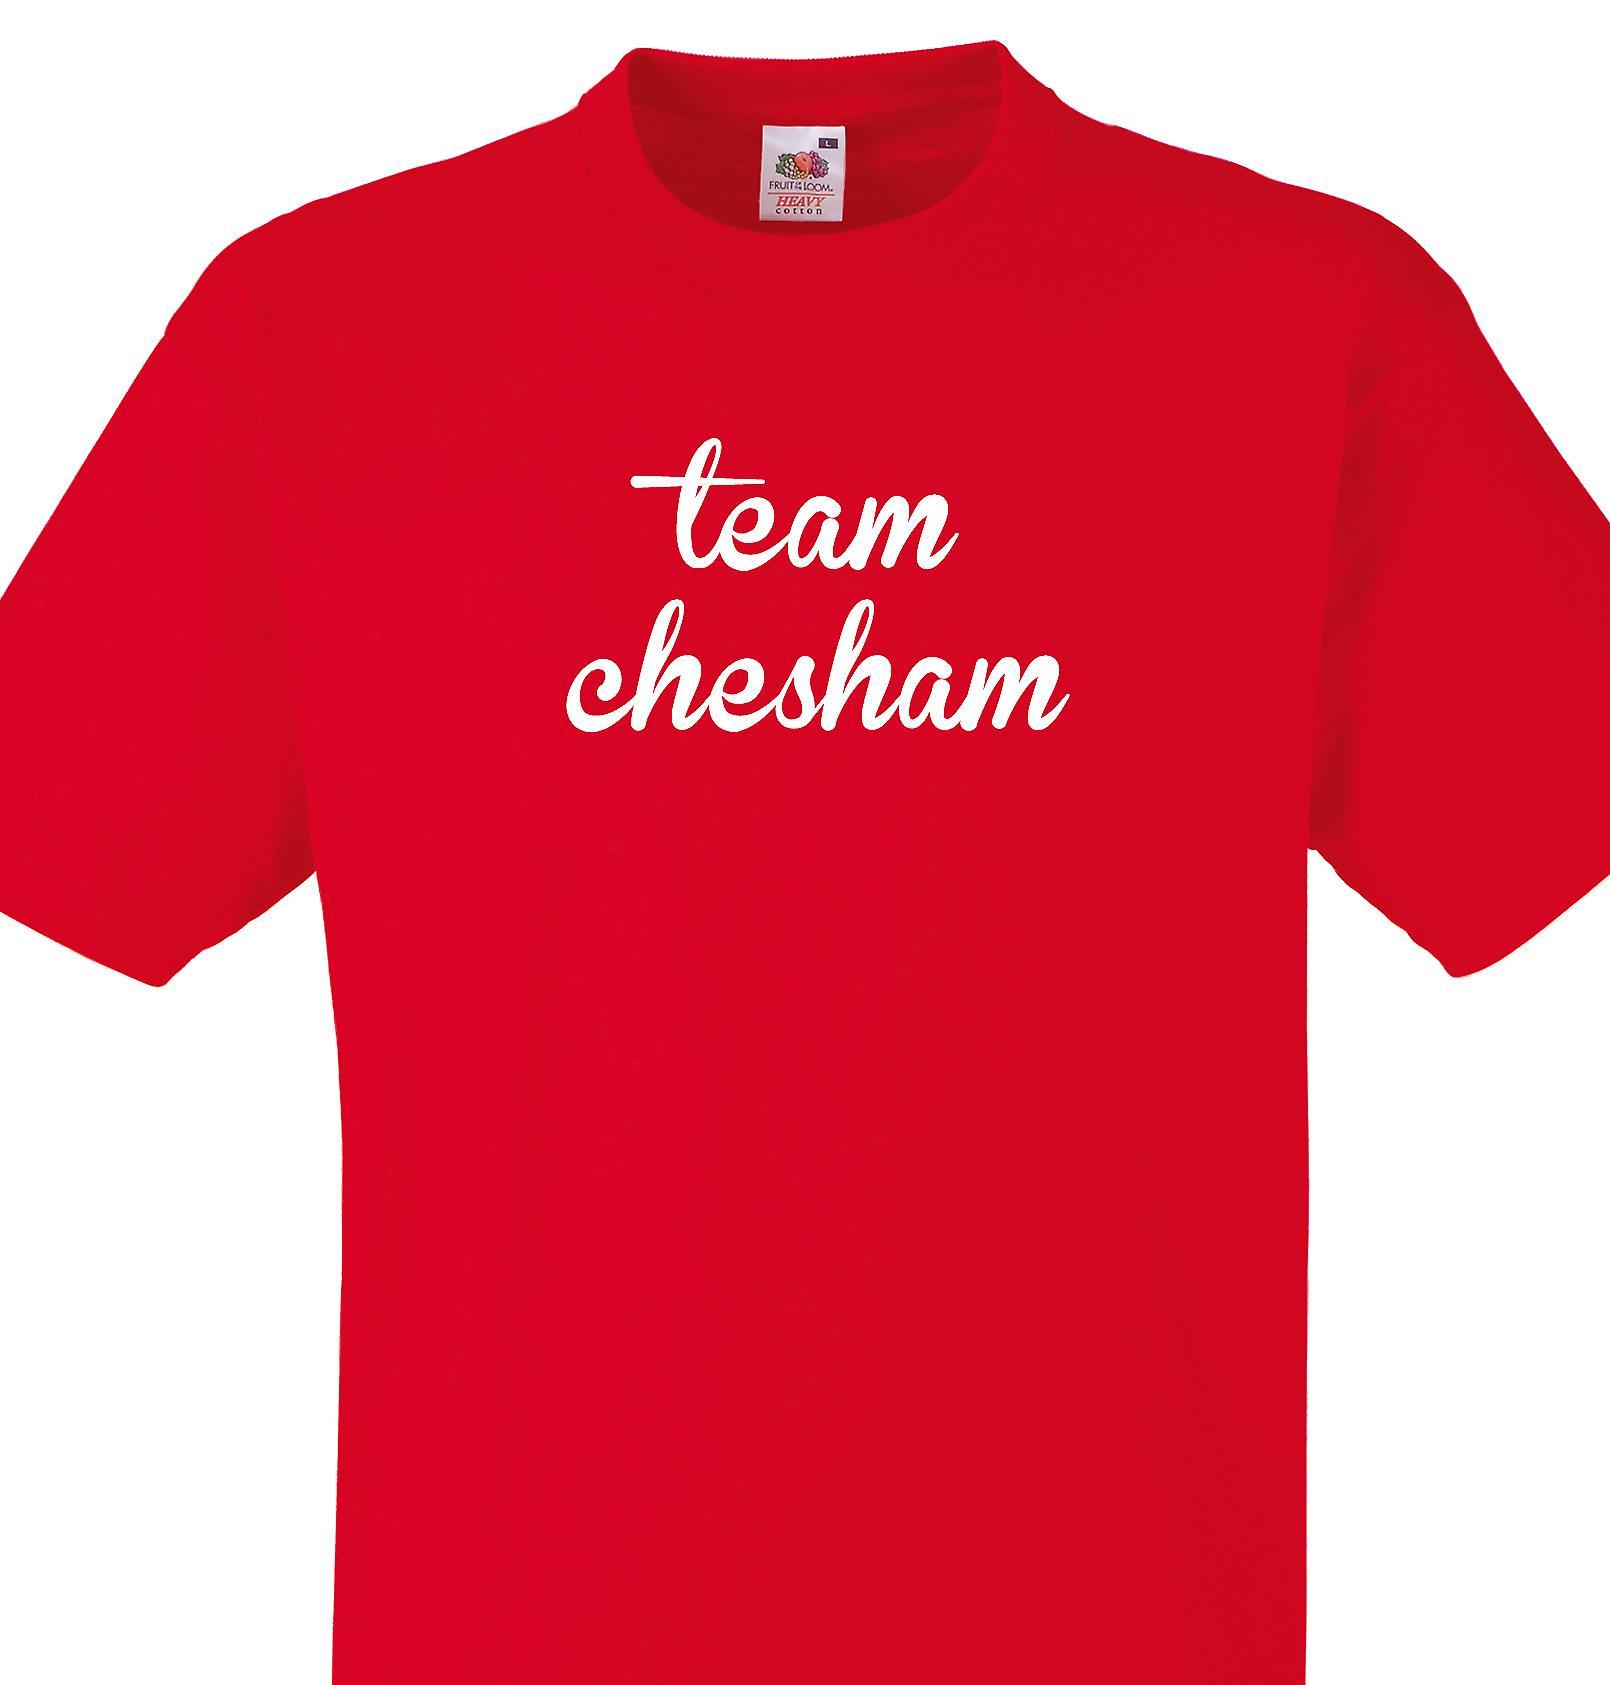 Team Chesham Red T shirt